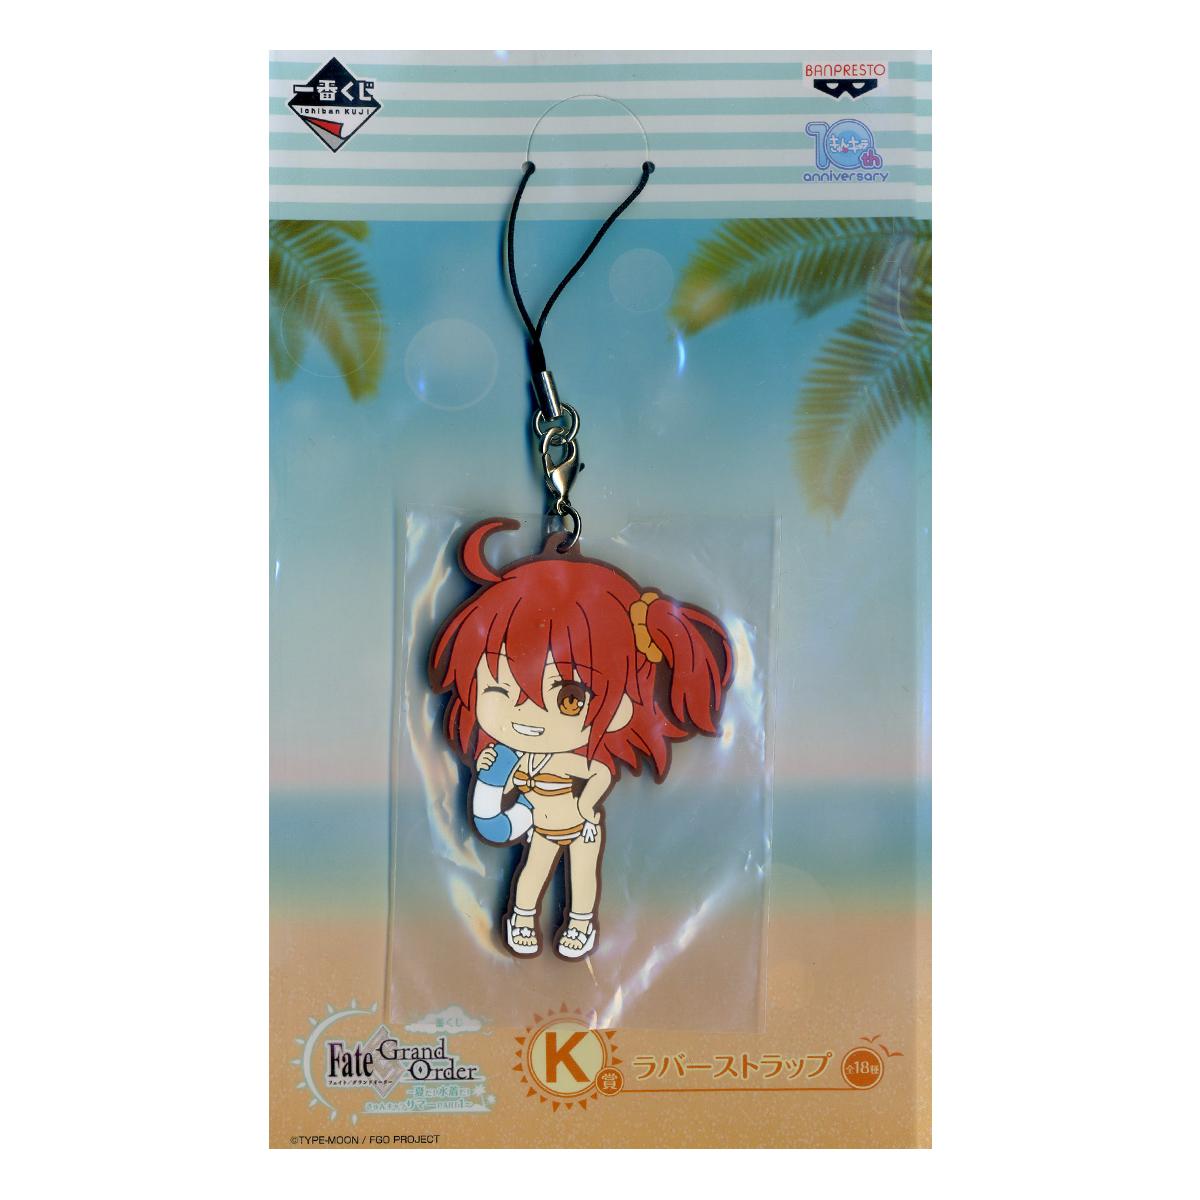 Gudako Rubber Strap Keychain Fate Grand Order K Award Kyun Chara Summer PART 1  Ichiban kuji Lottery Banpresto